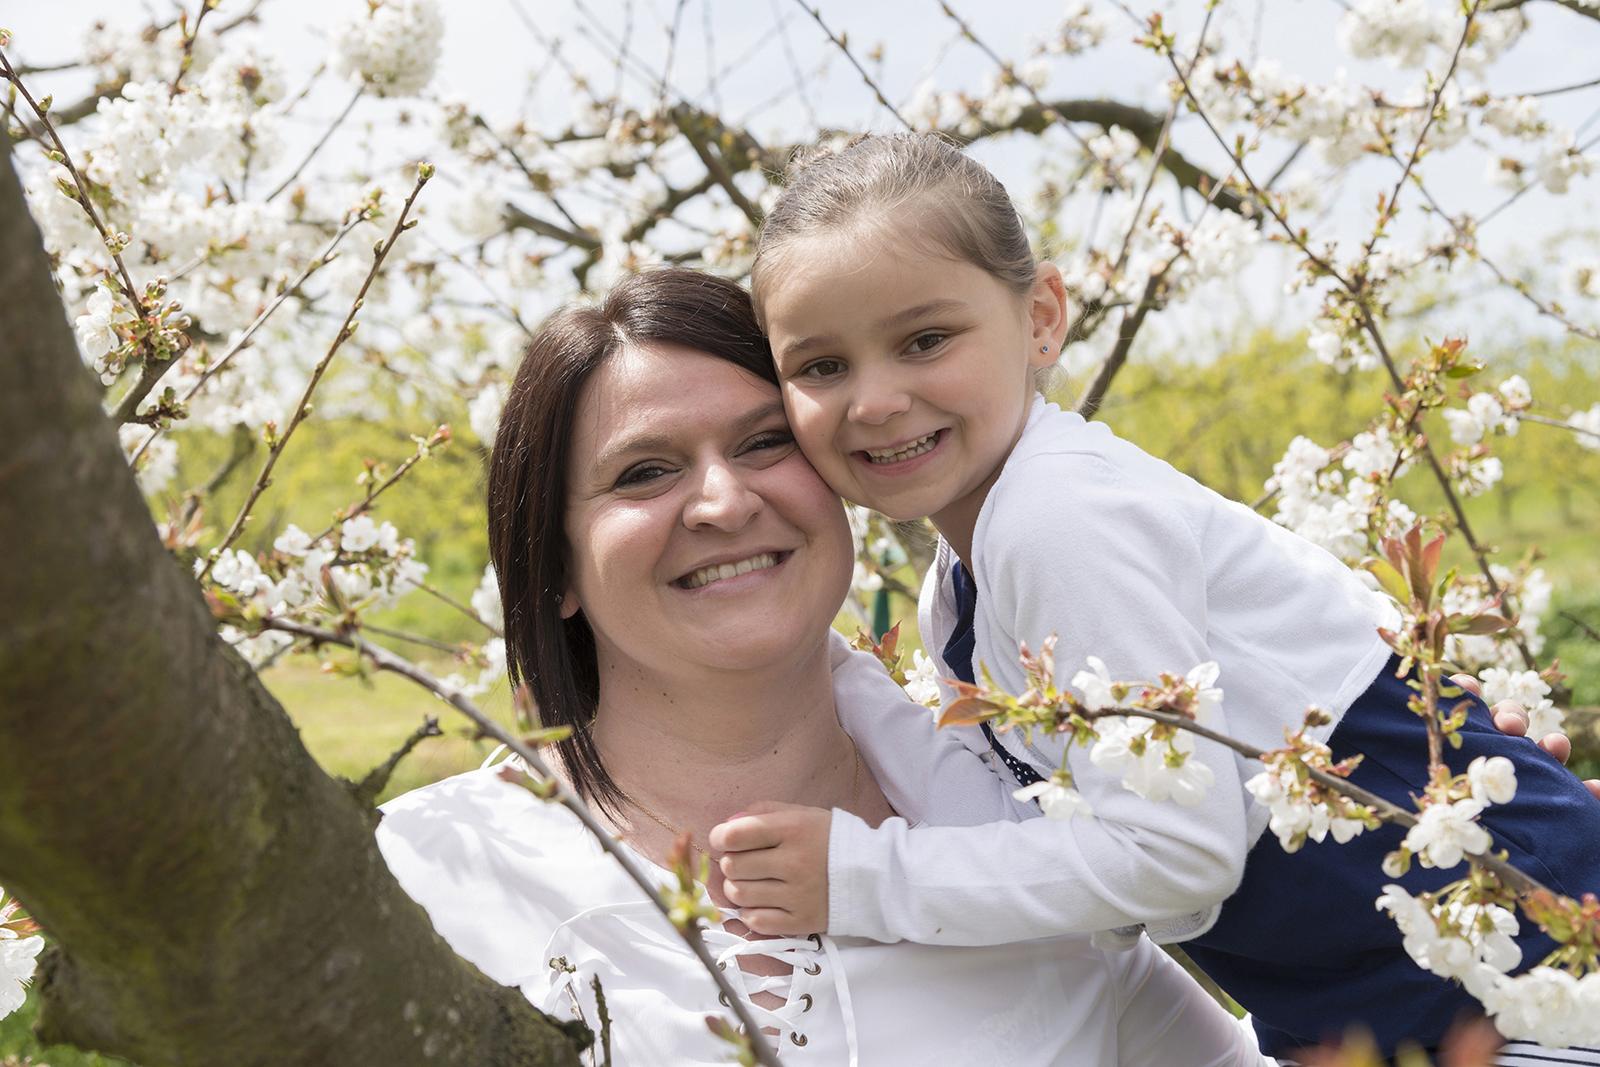 maman et sa fille dans les cerisiers en fleur